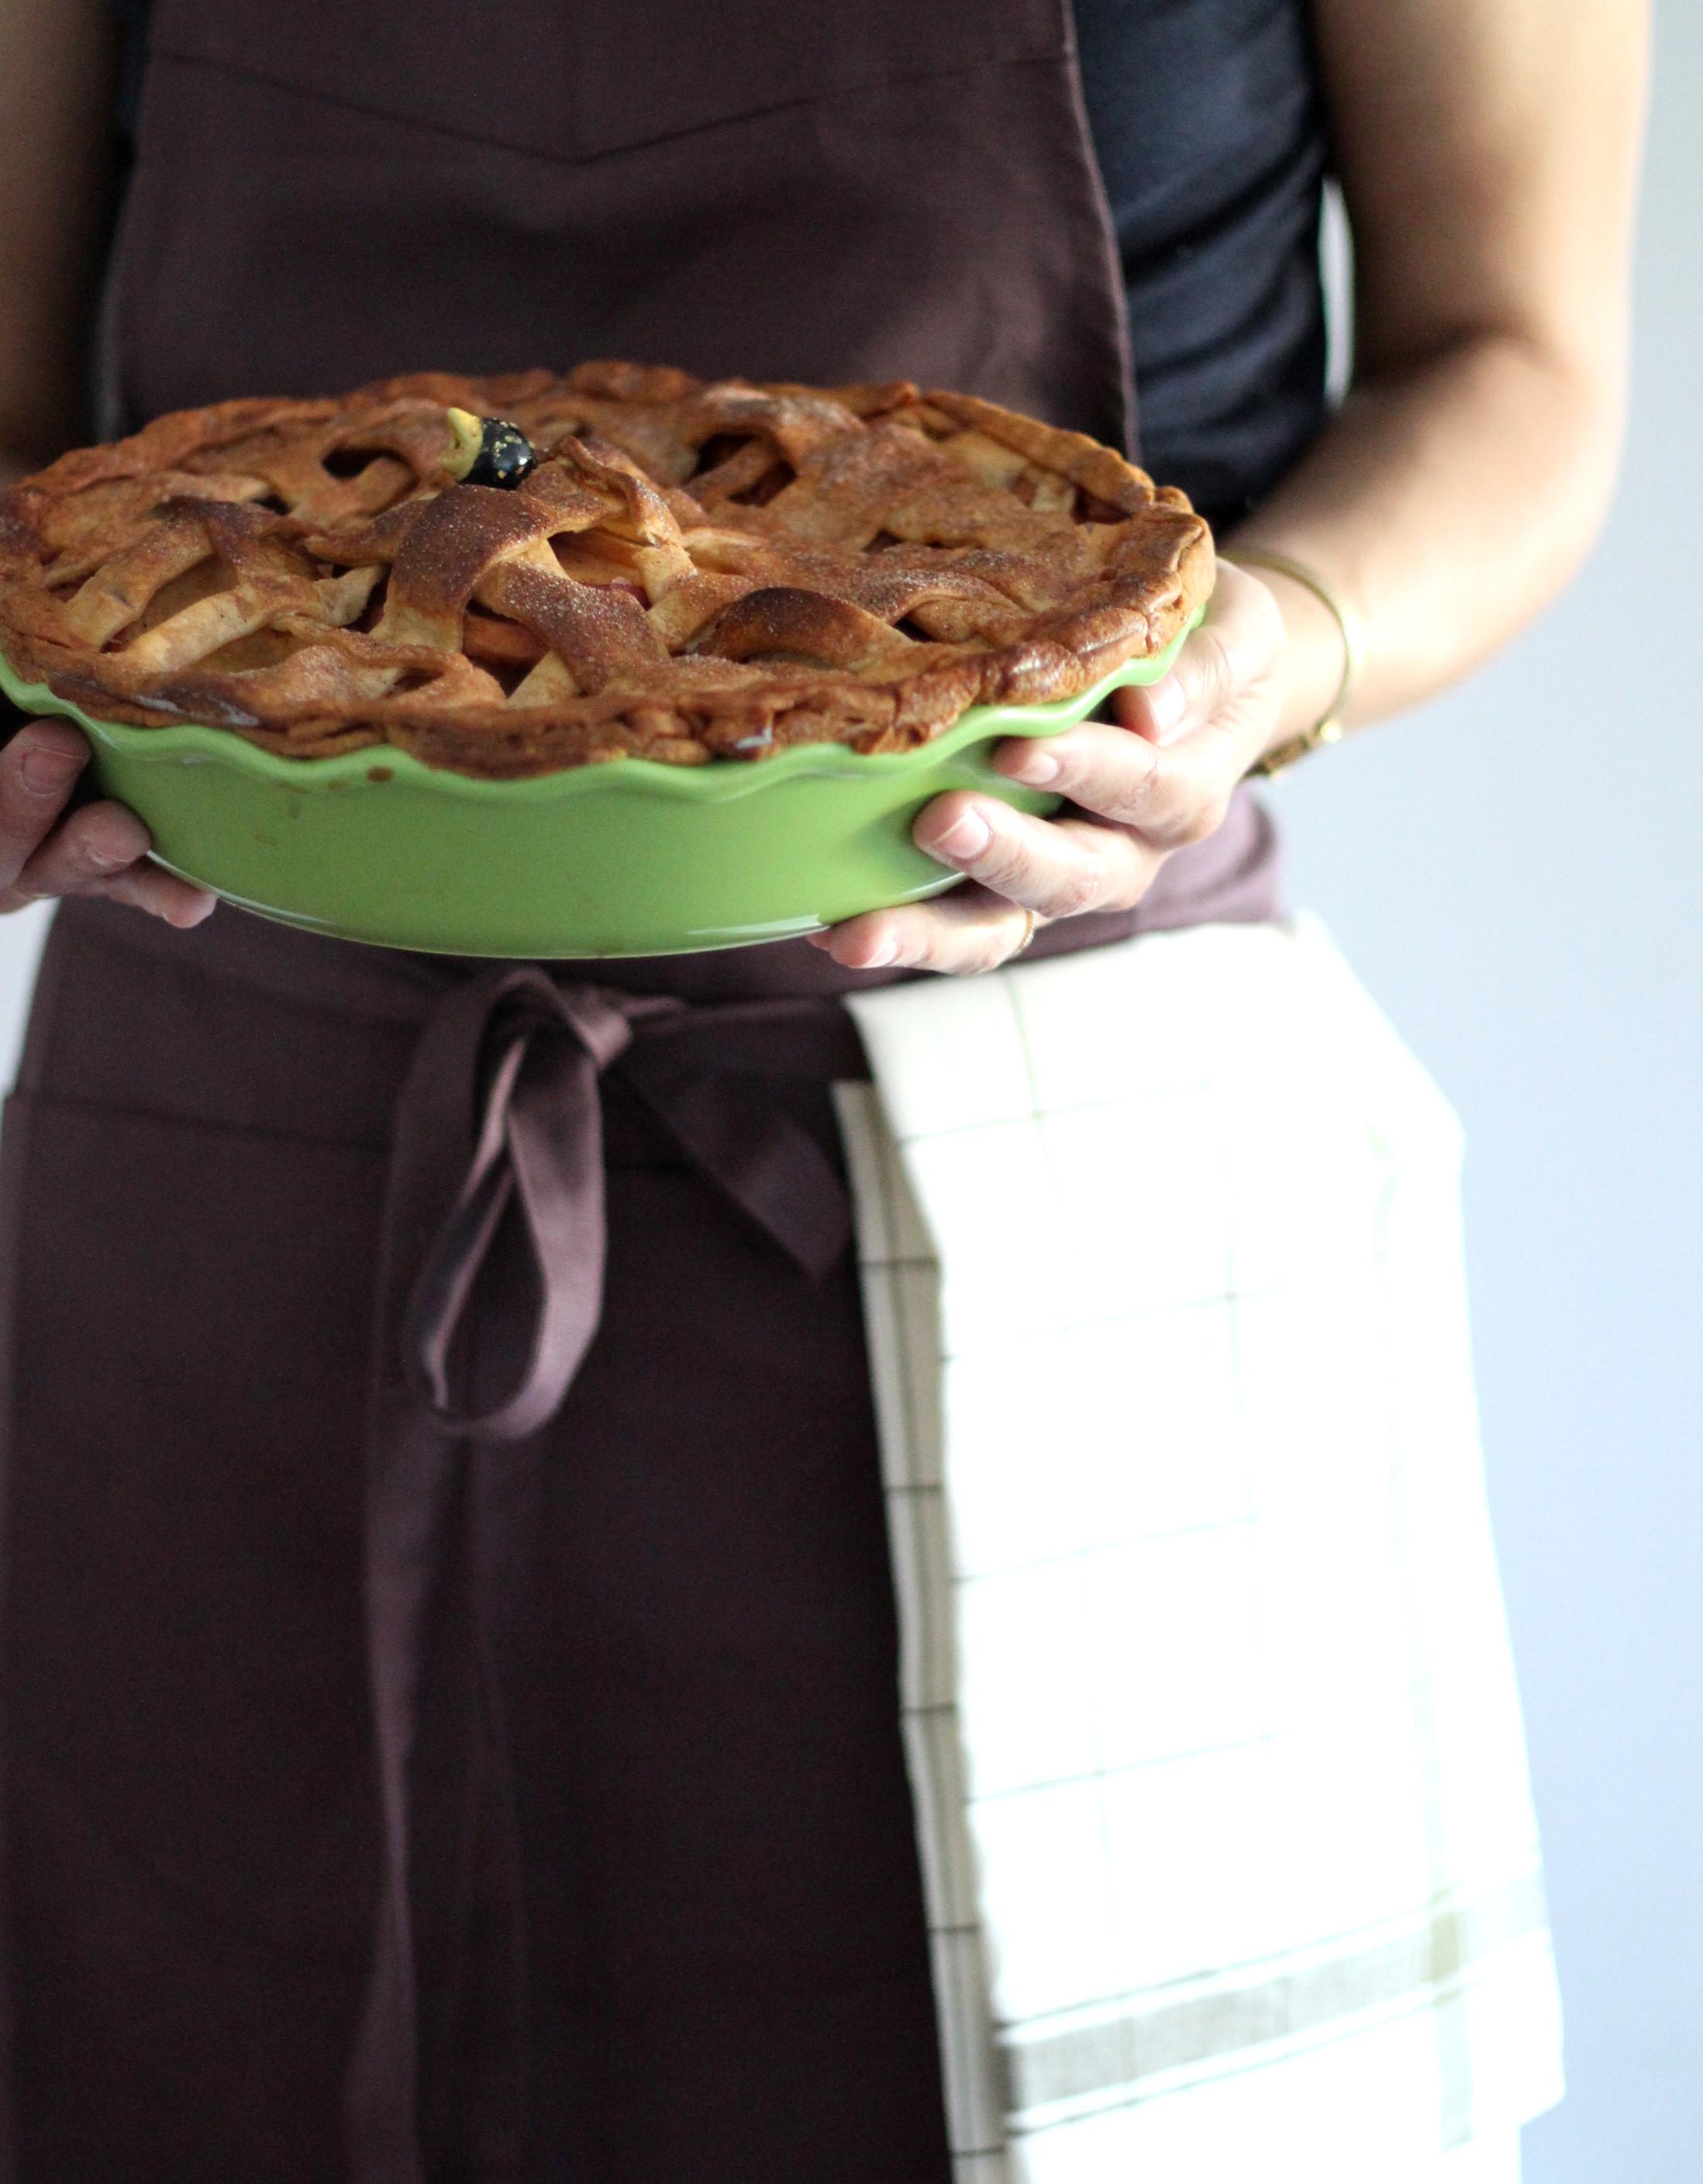 Libeco Home  Bistro Apron , Libeco Home Parma  kitchen towel , Emile Henry  pie dish , Le Creuset  pie bird